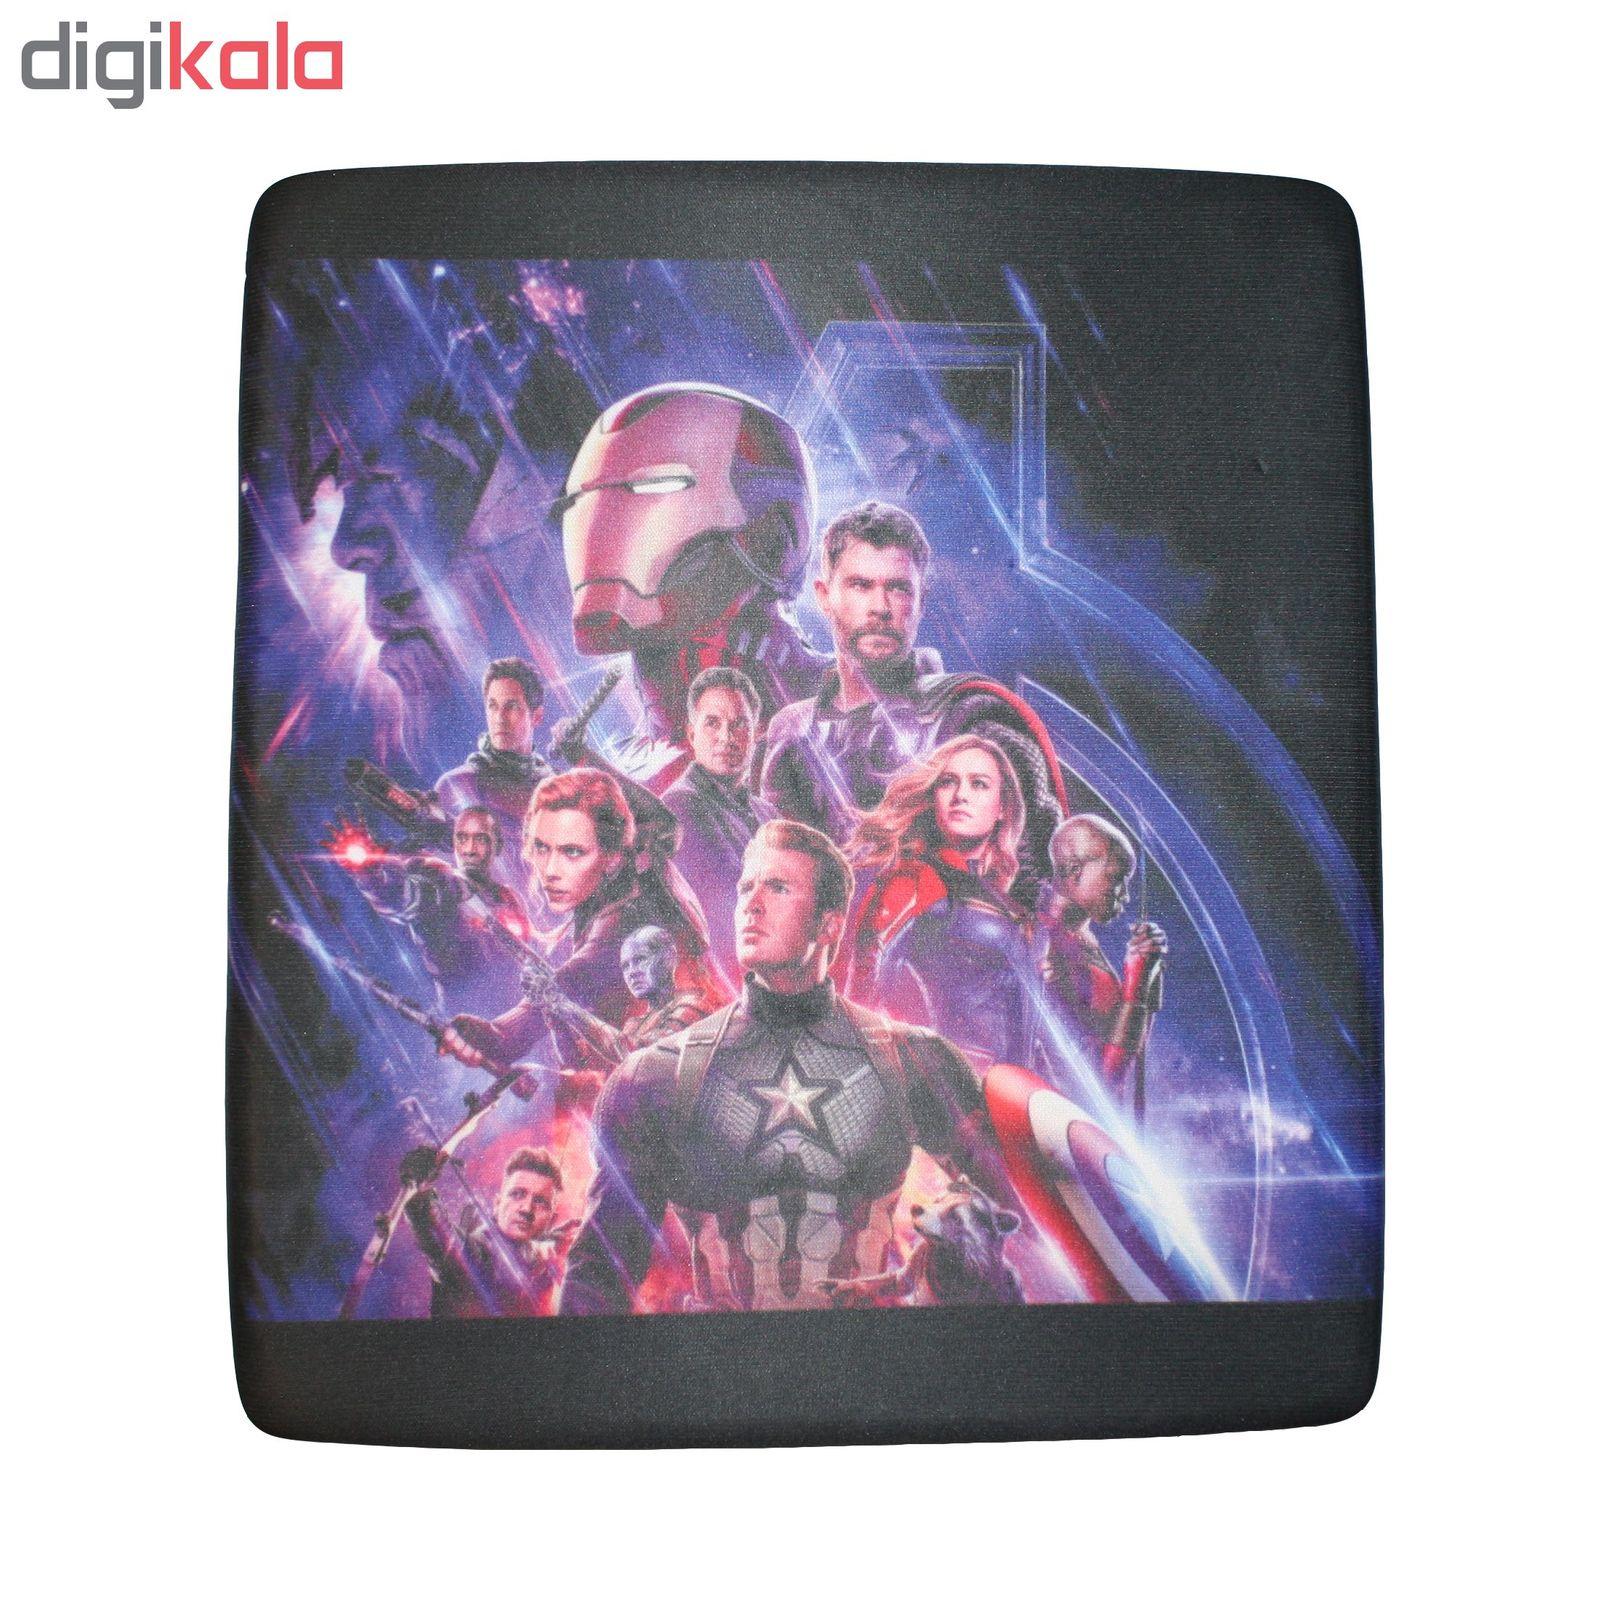 کیف حمل پلی استیشن 4 مدل avengers 01